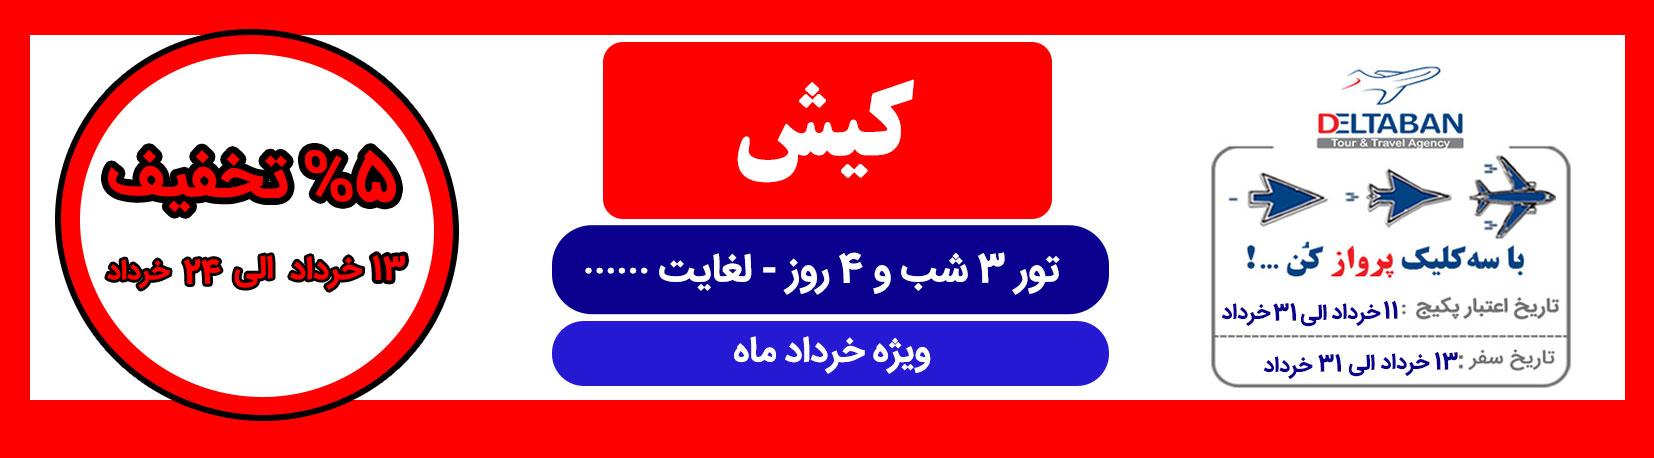 تور کیش ویژه خرداد ماه